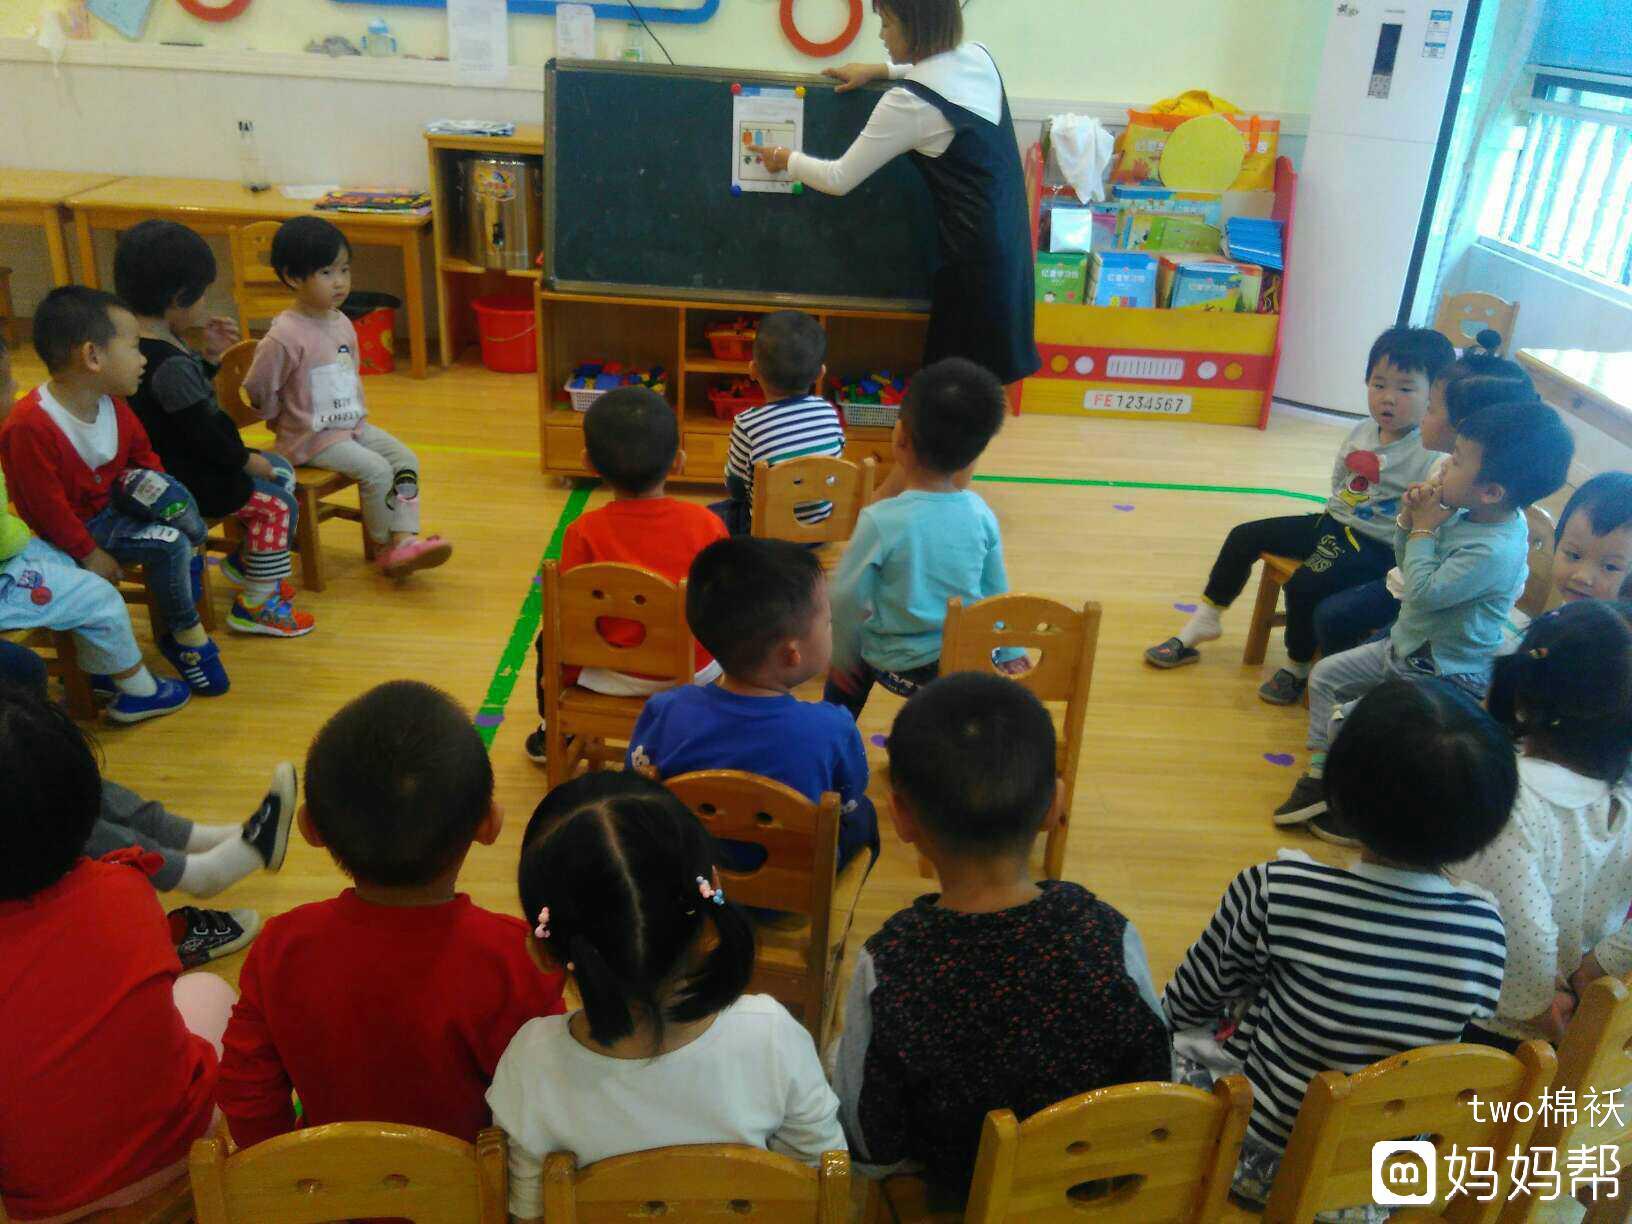 【宝宝成长日记第十五天】+幼儿园里的君君